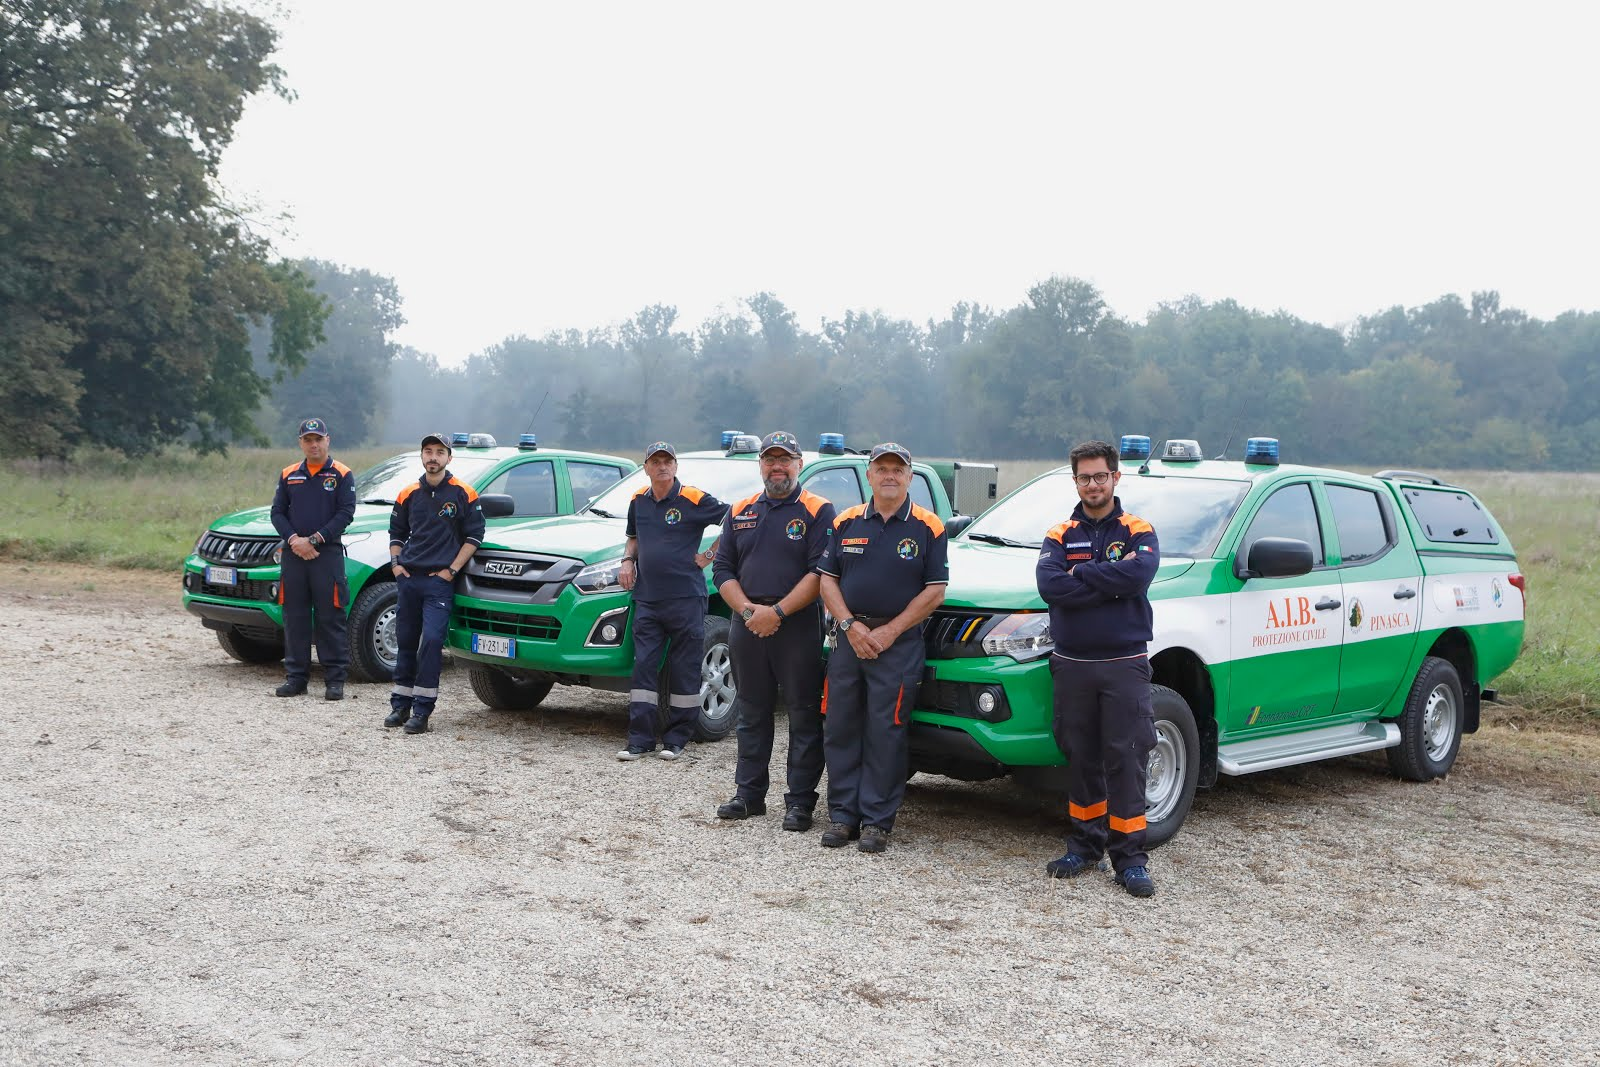 AIUTO CRT PER MEZZI Protezione civile